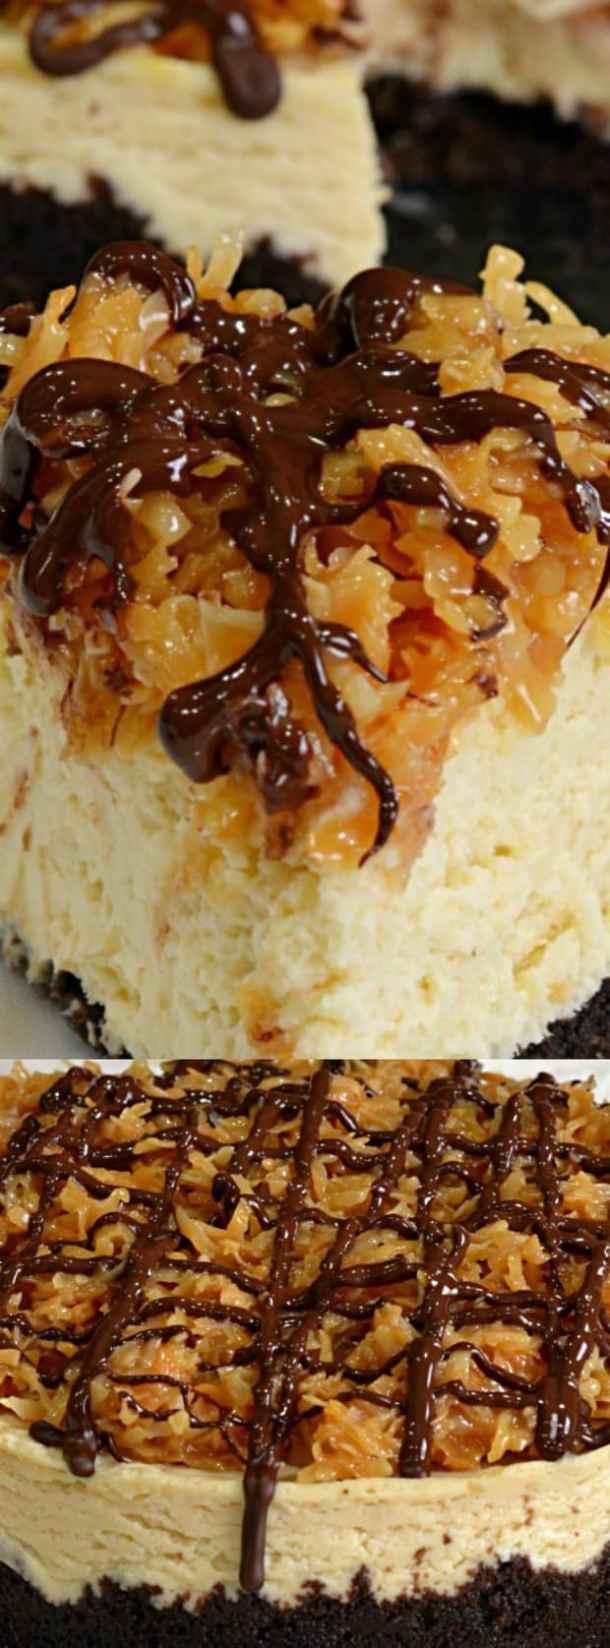 Instant Pot Samoa Cheesecake